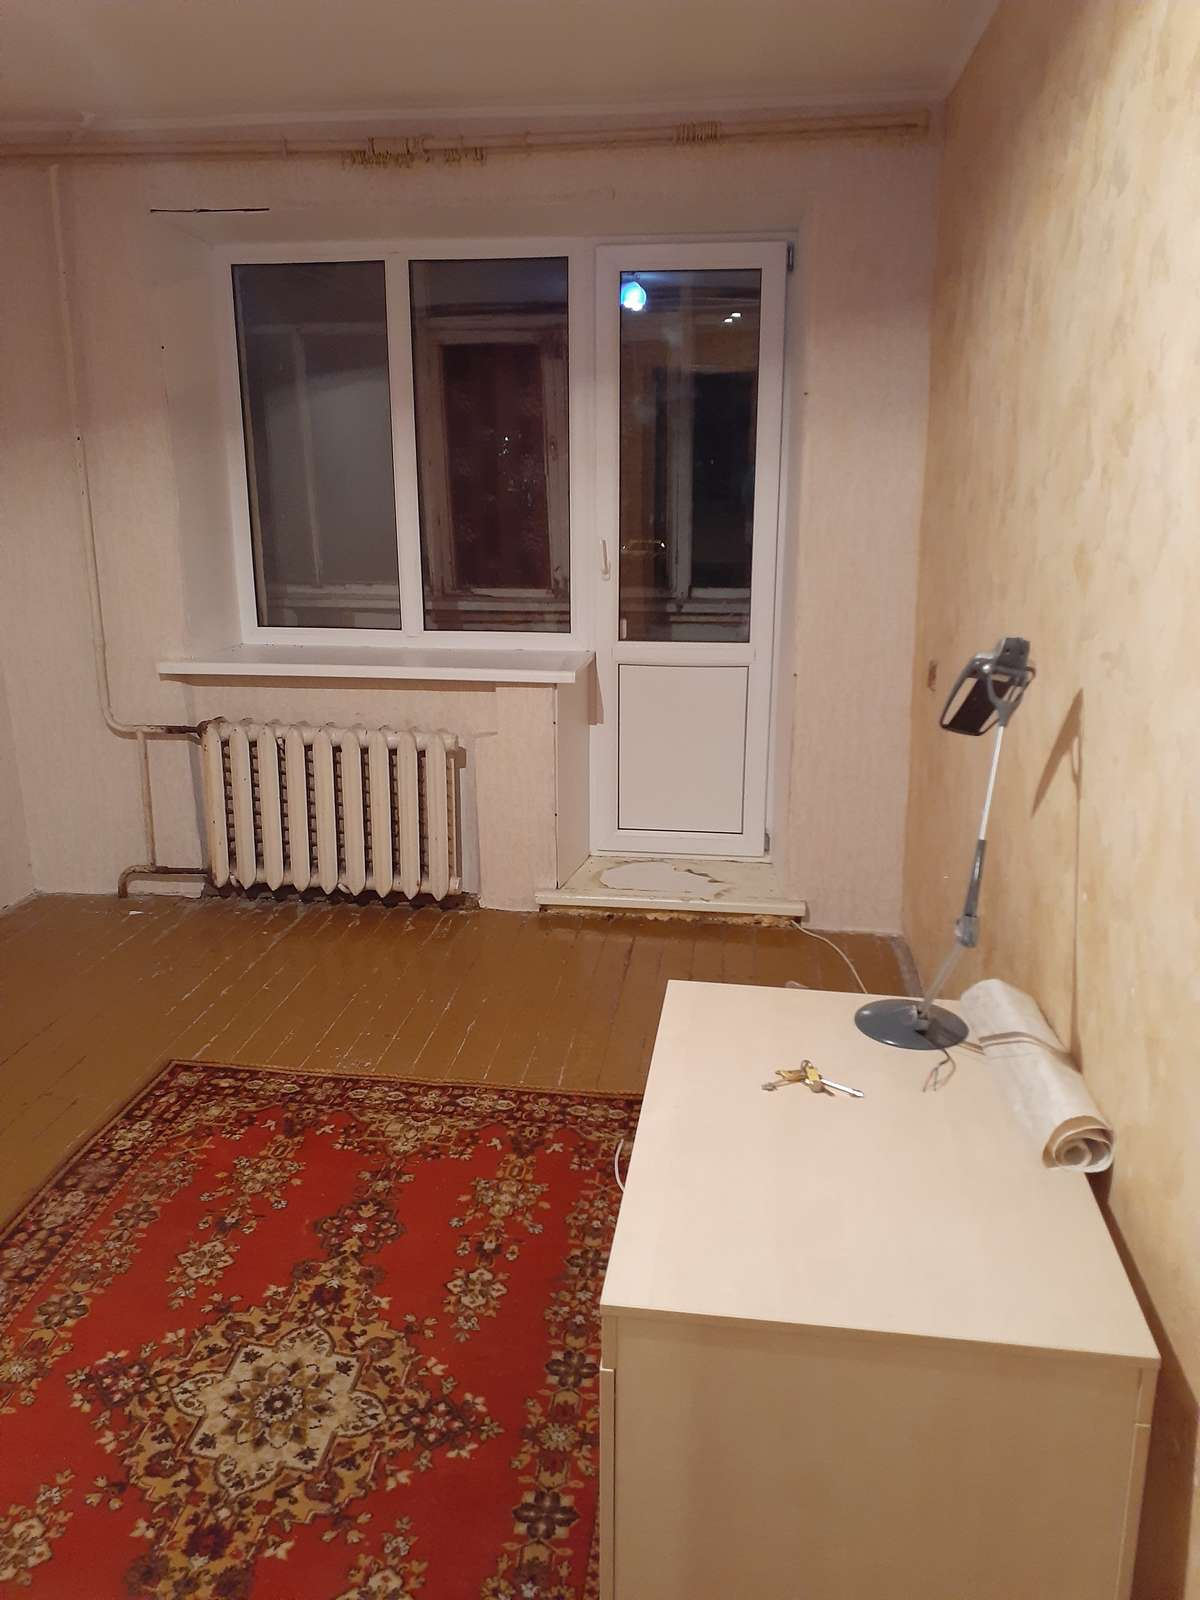 Аренда 2-комнатной квартиры, г. Тольятти, Никонова улица  дом 38